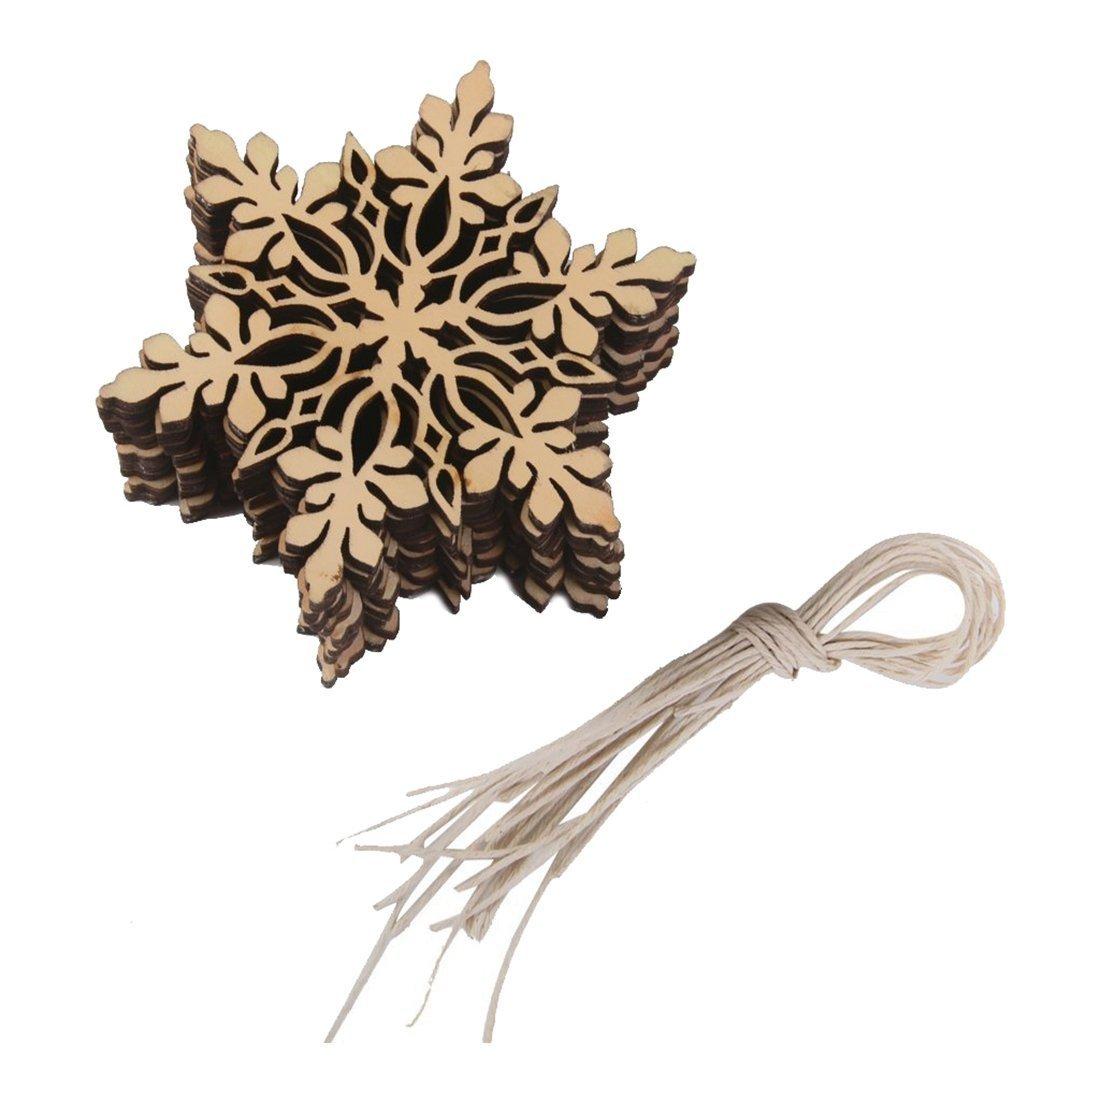 TOOGOO(R) 10 pezzi Acuto legno esagonale fiocco di neve ornamento albero di Natale arredamento W. String SHOMAGT12055